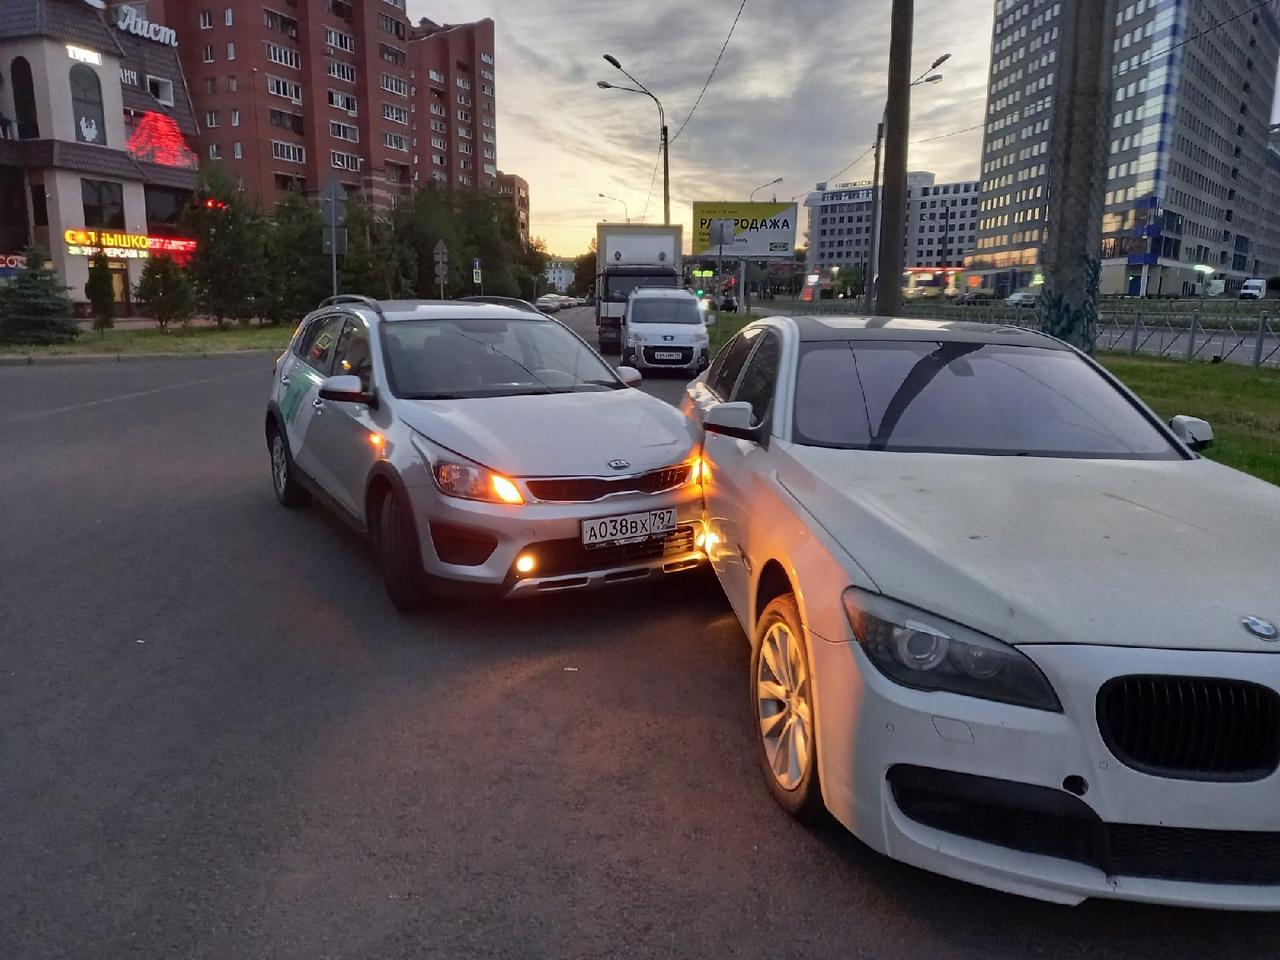 Аллея Котельникова, в кармане вдоль Коломяжского проспекта каршеринг въехал в припаркованную БМВ. Ни...